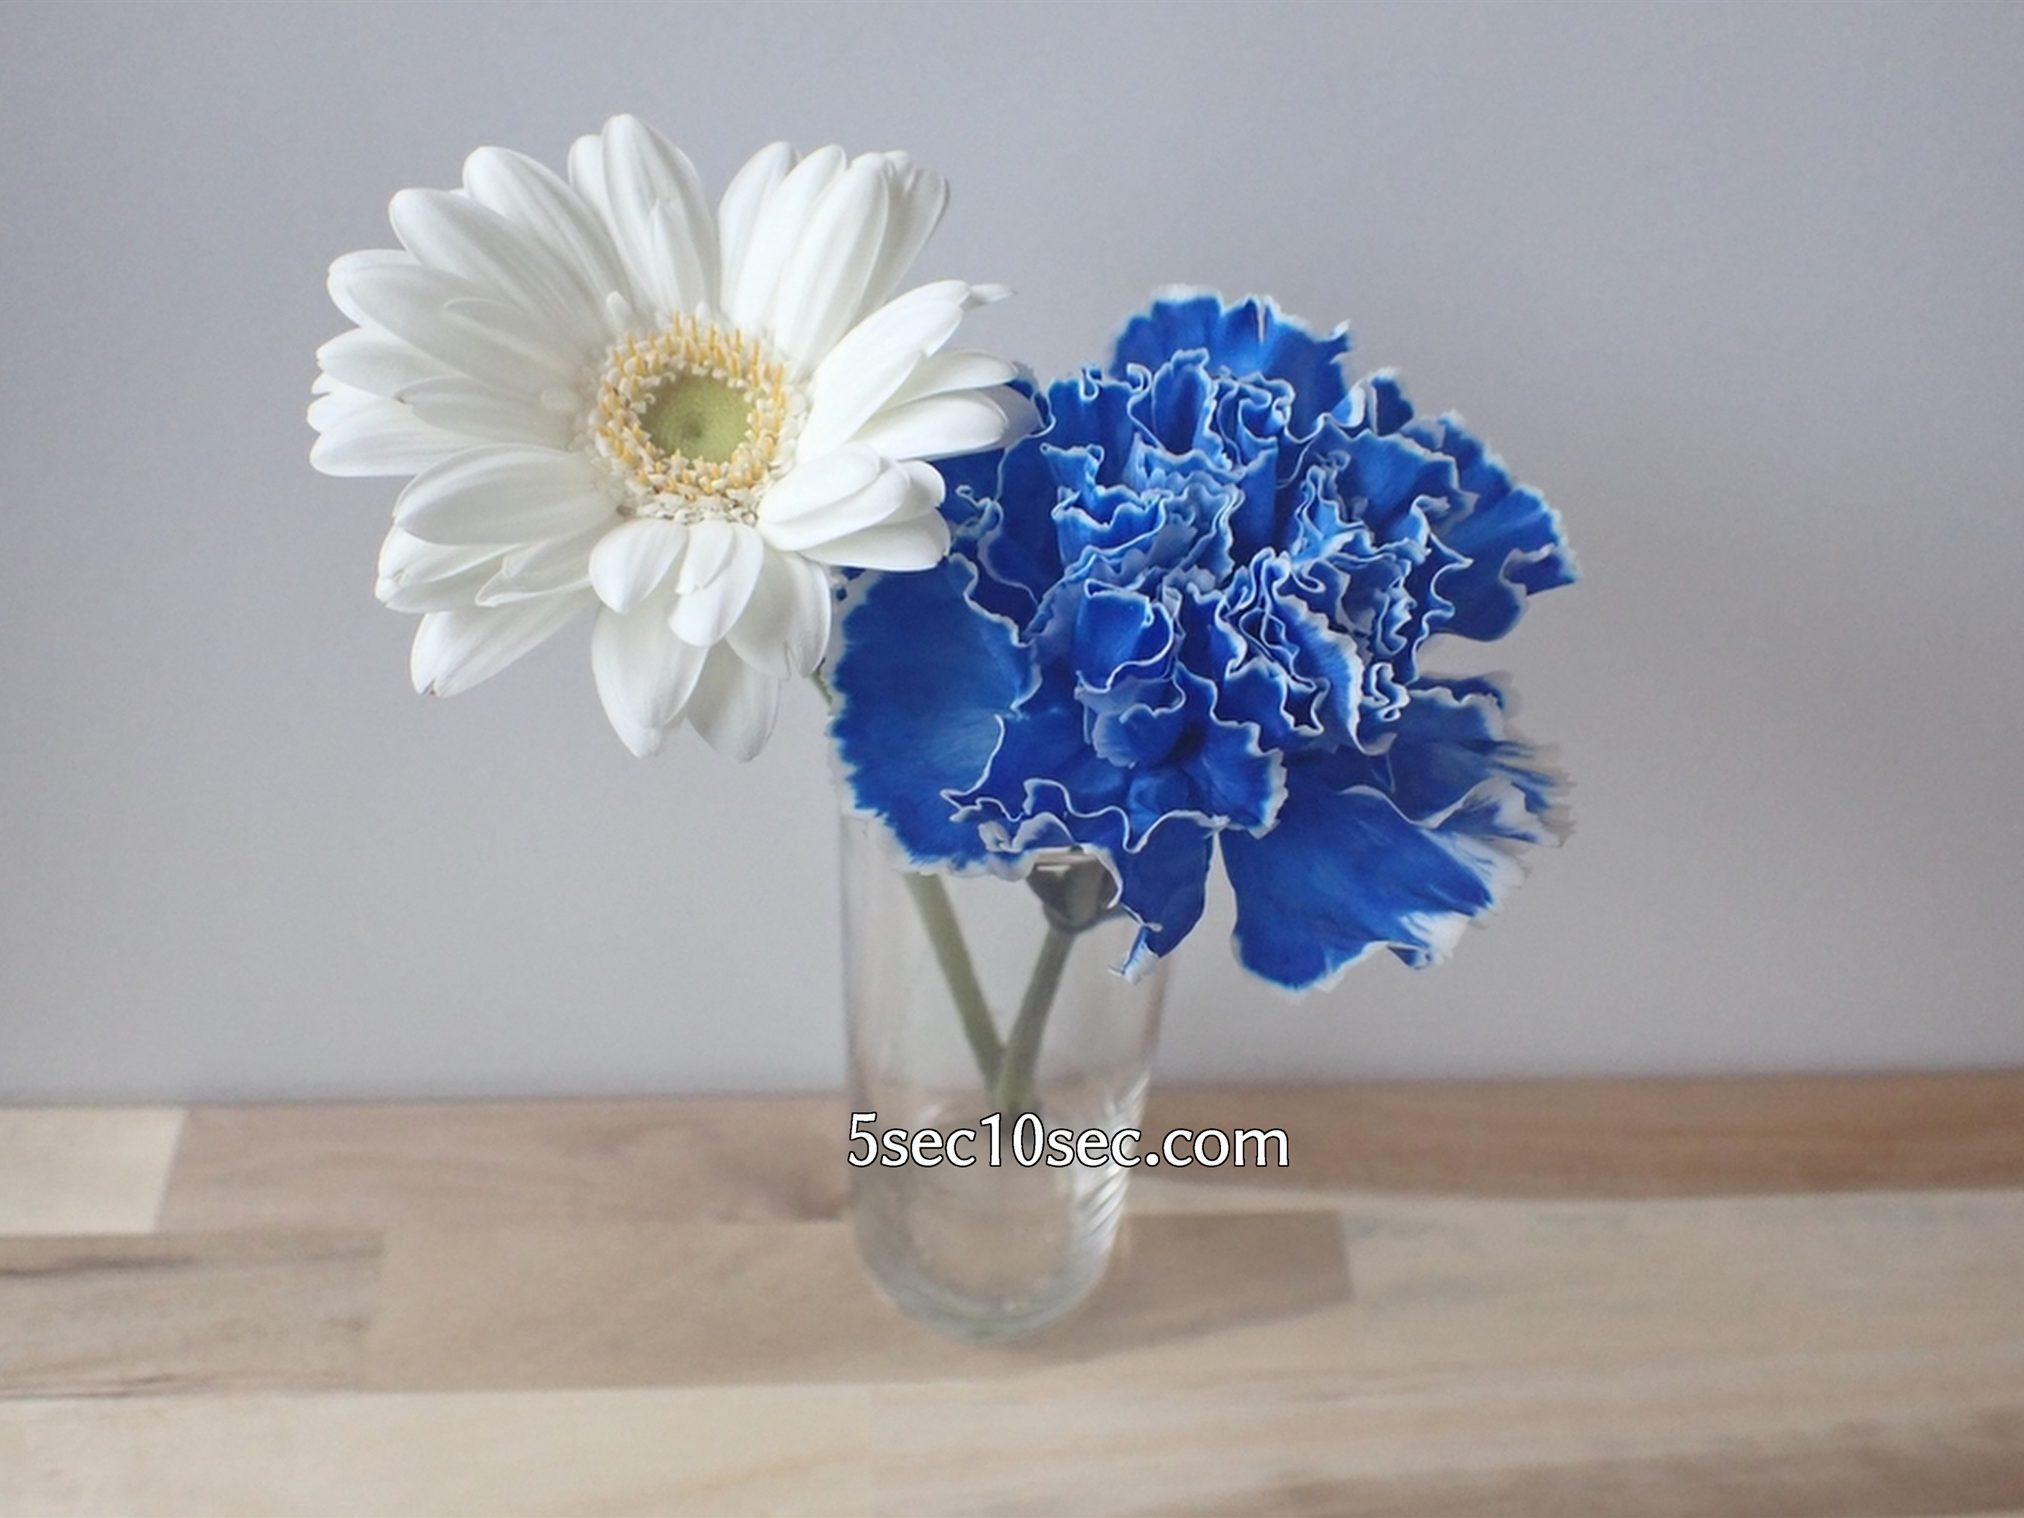 株式会社Crunch Style お花の定期便 Bloomee LIFE ブルーミーライフ 800円のレギュラープラン 届いたお花を全部一緒に生けずに、自分で組み合わせて花瓶に入れても素敵